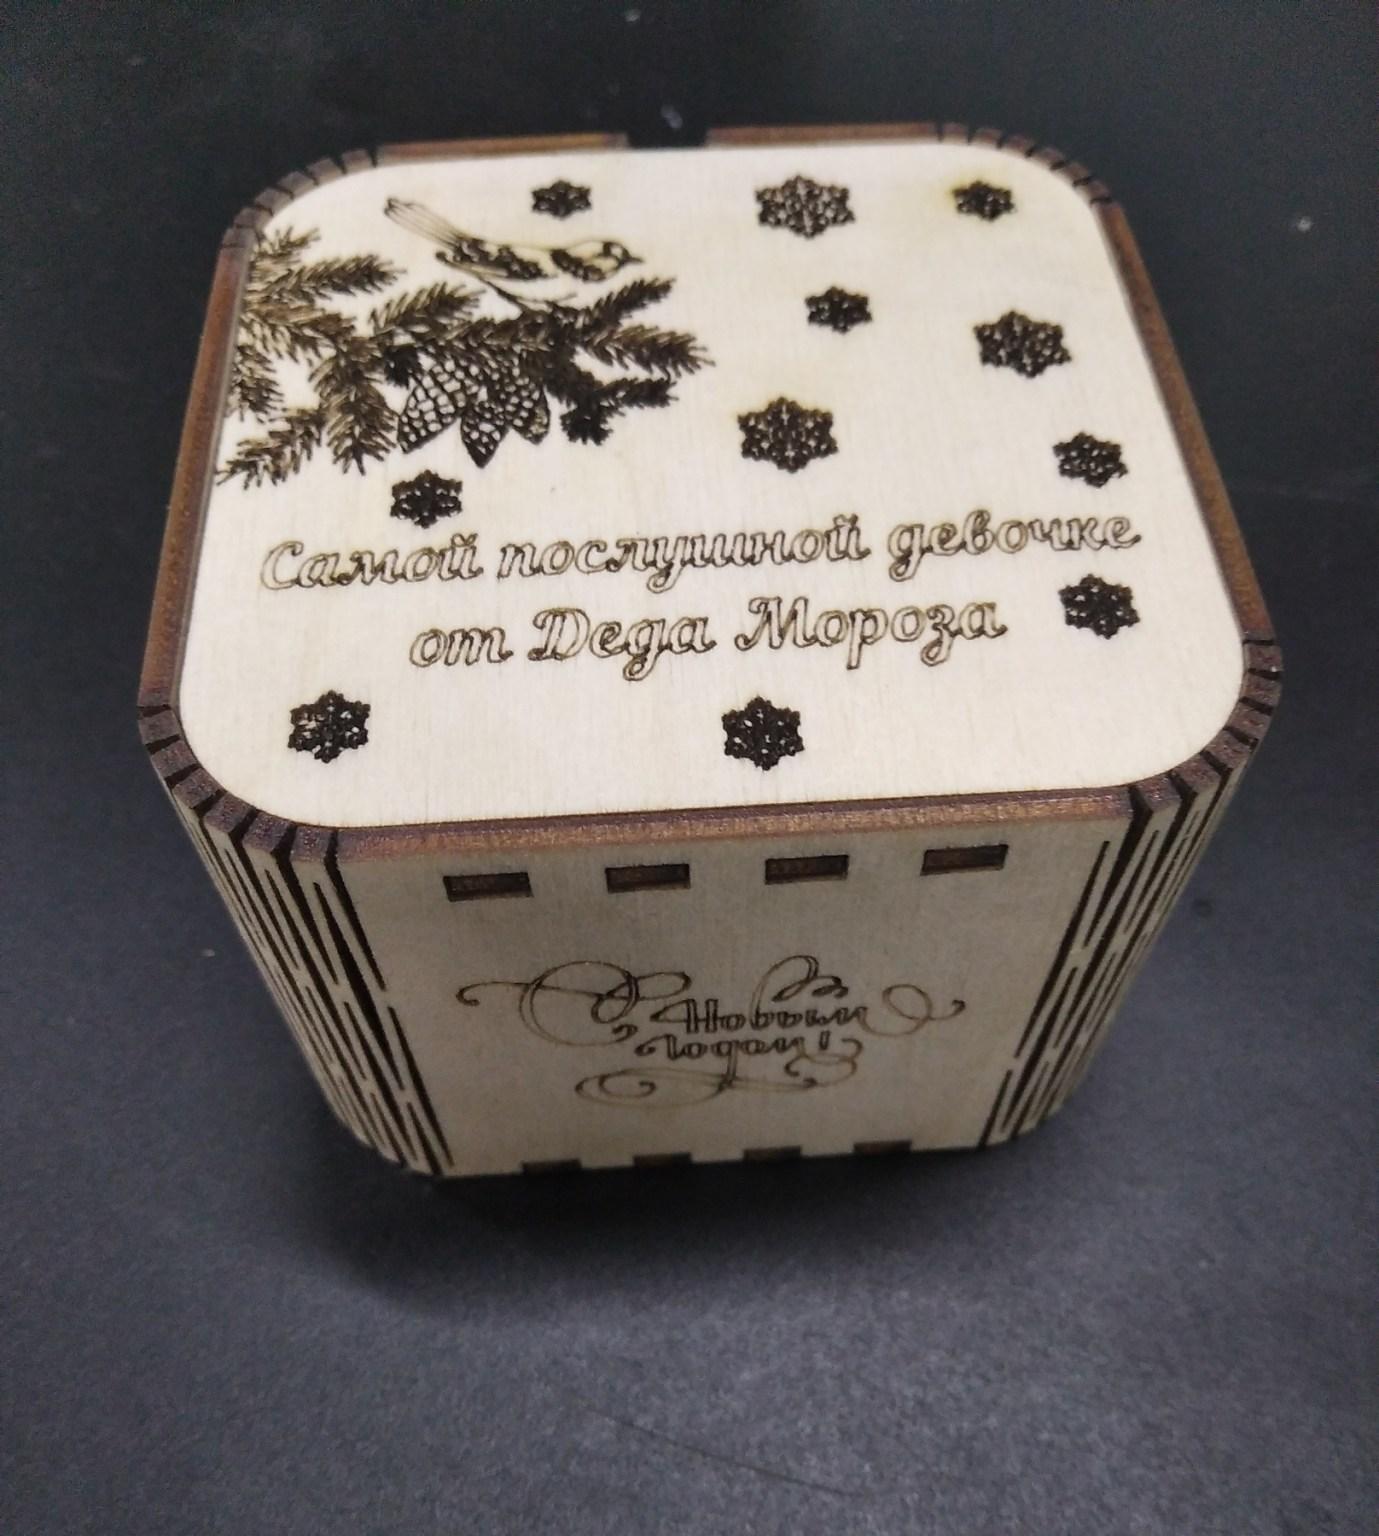 Wooden Decorative Laser Cut Gift Box Free CDR Vectors Art